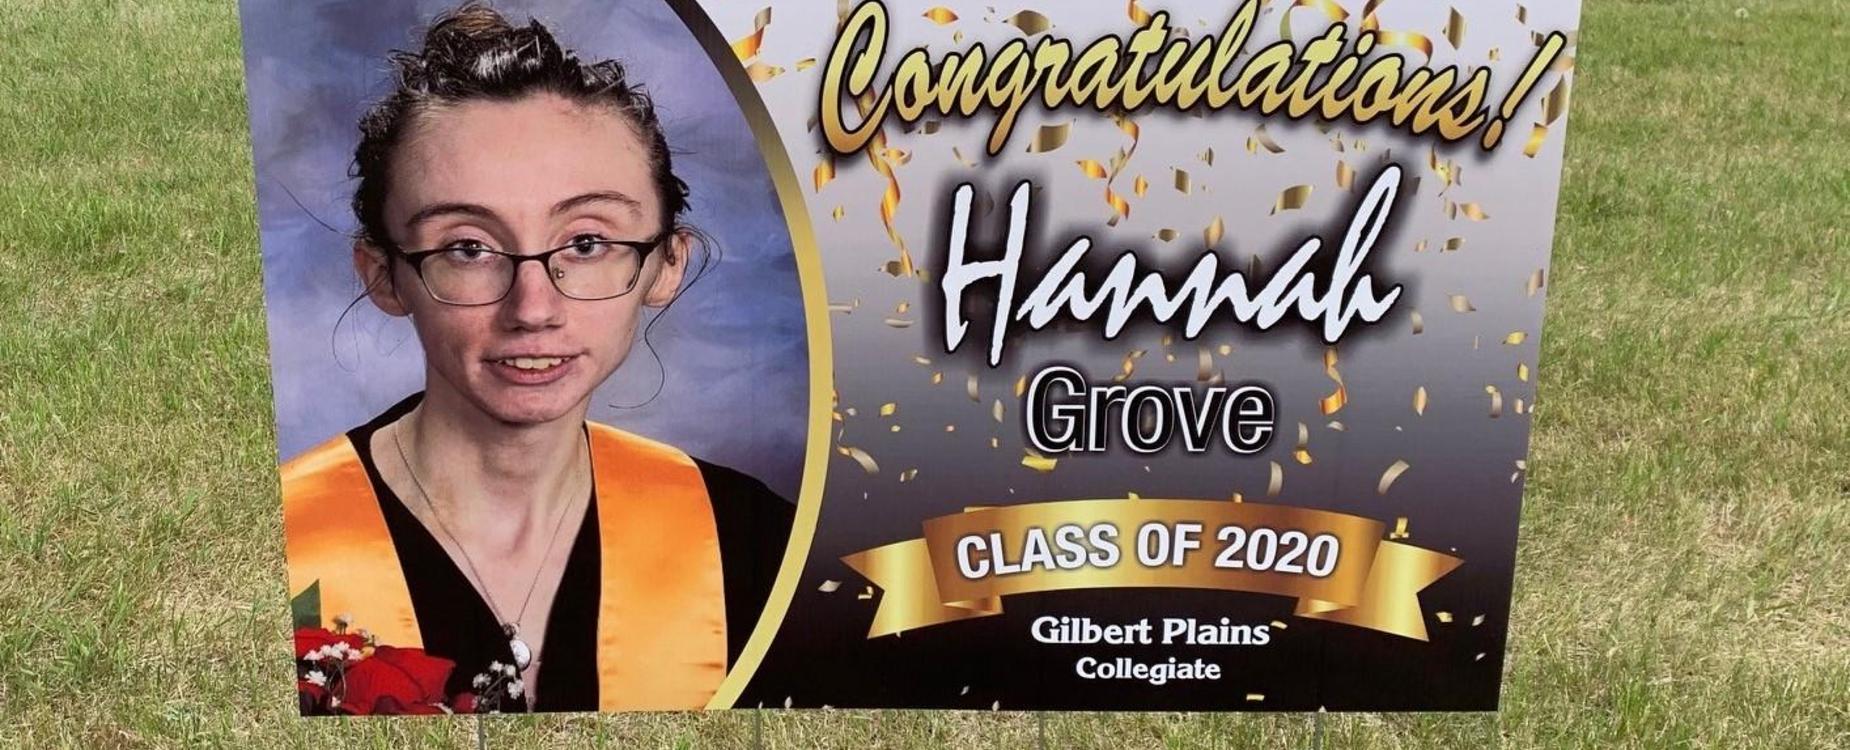 Hannah Grove